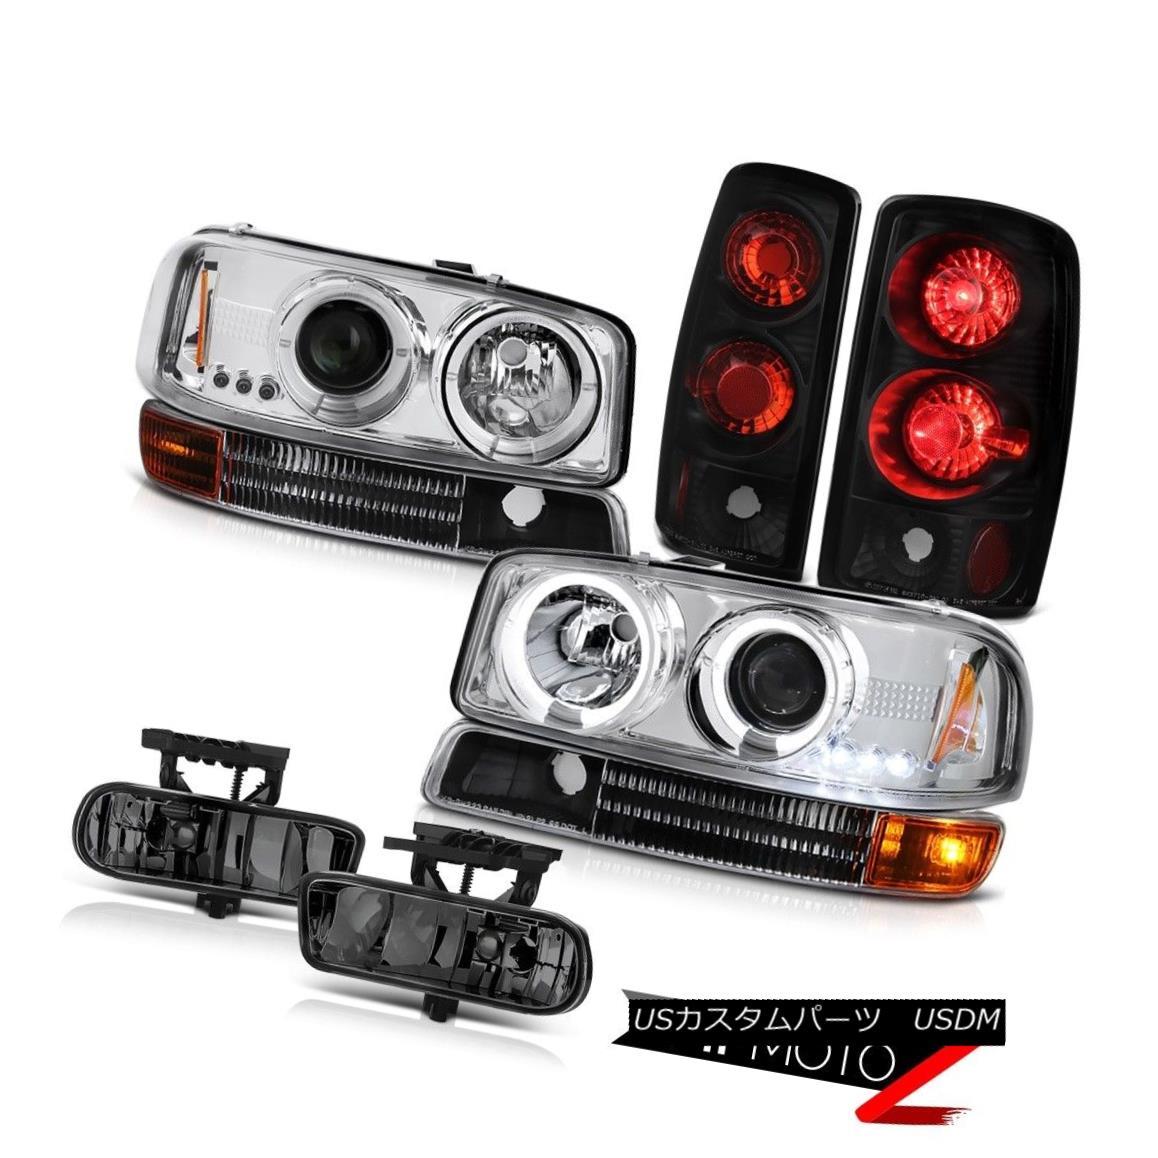 ヘッドライト Halo Rim Headlights Smoke Clear Tail Lamps Driving FogLights 2000-2006 GMC Yukon Haloリングヘッドライトスモークテールランプスモークライト2000-2006 GMC Yukon